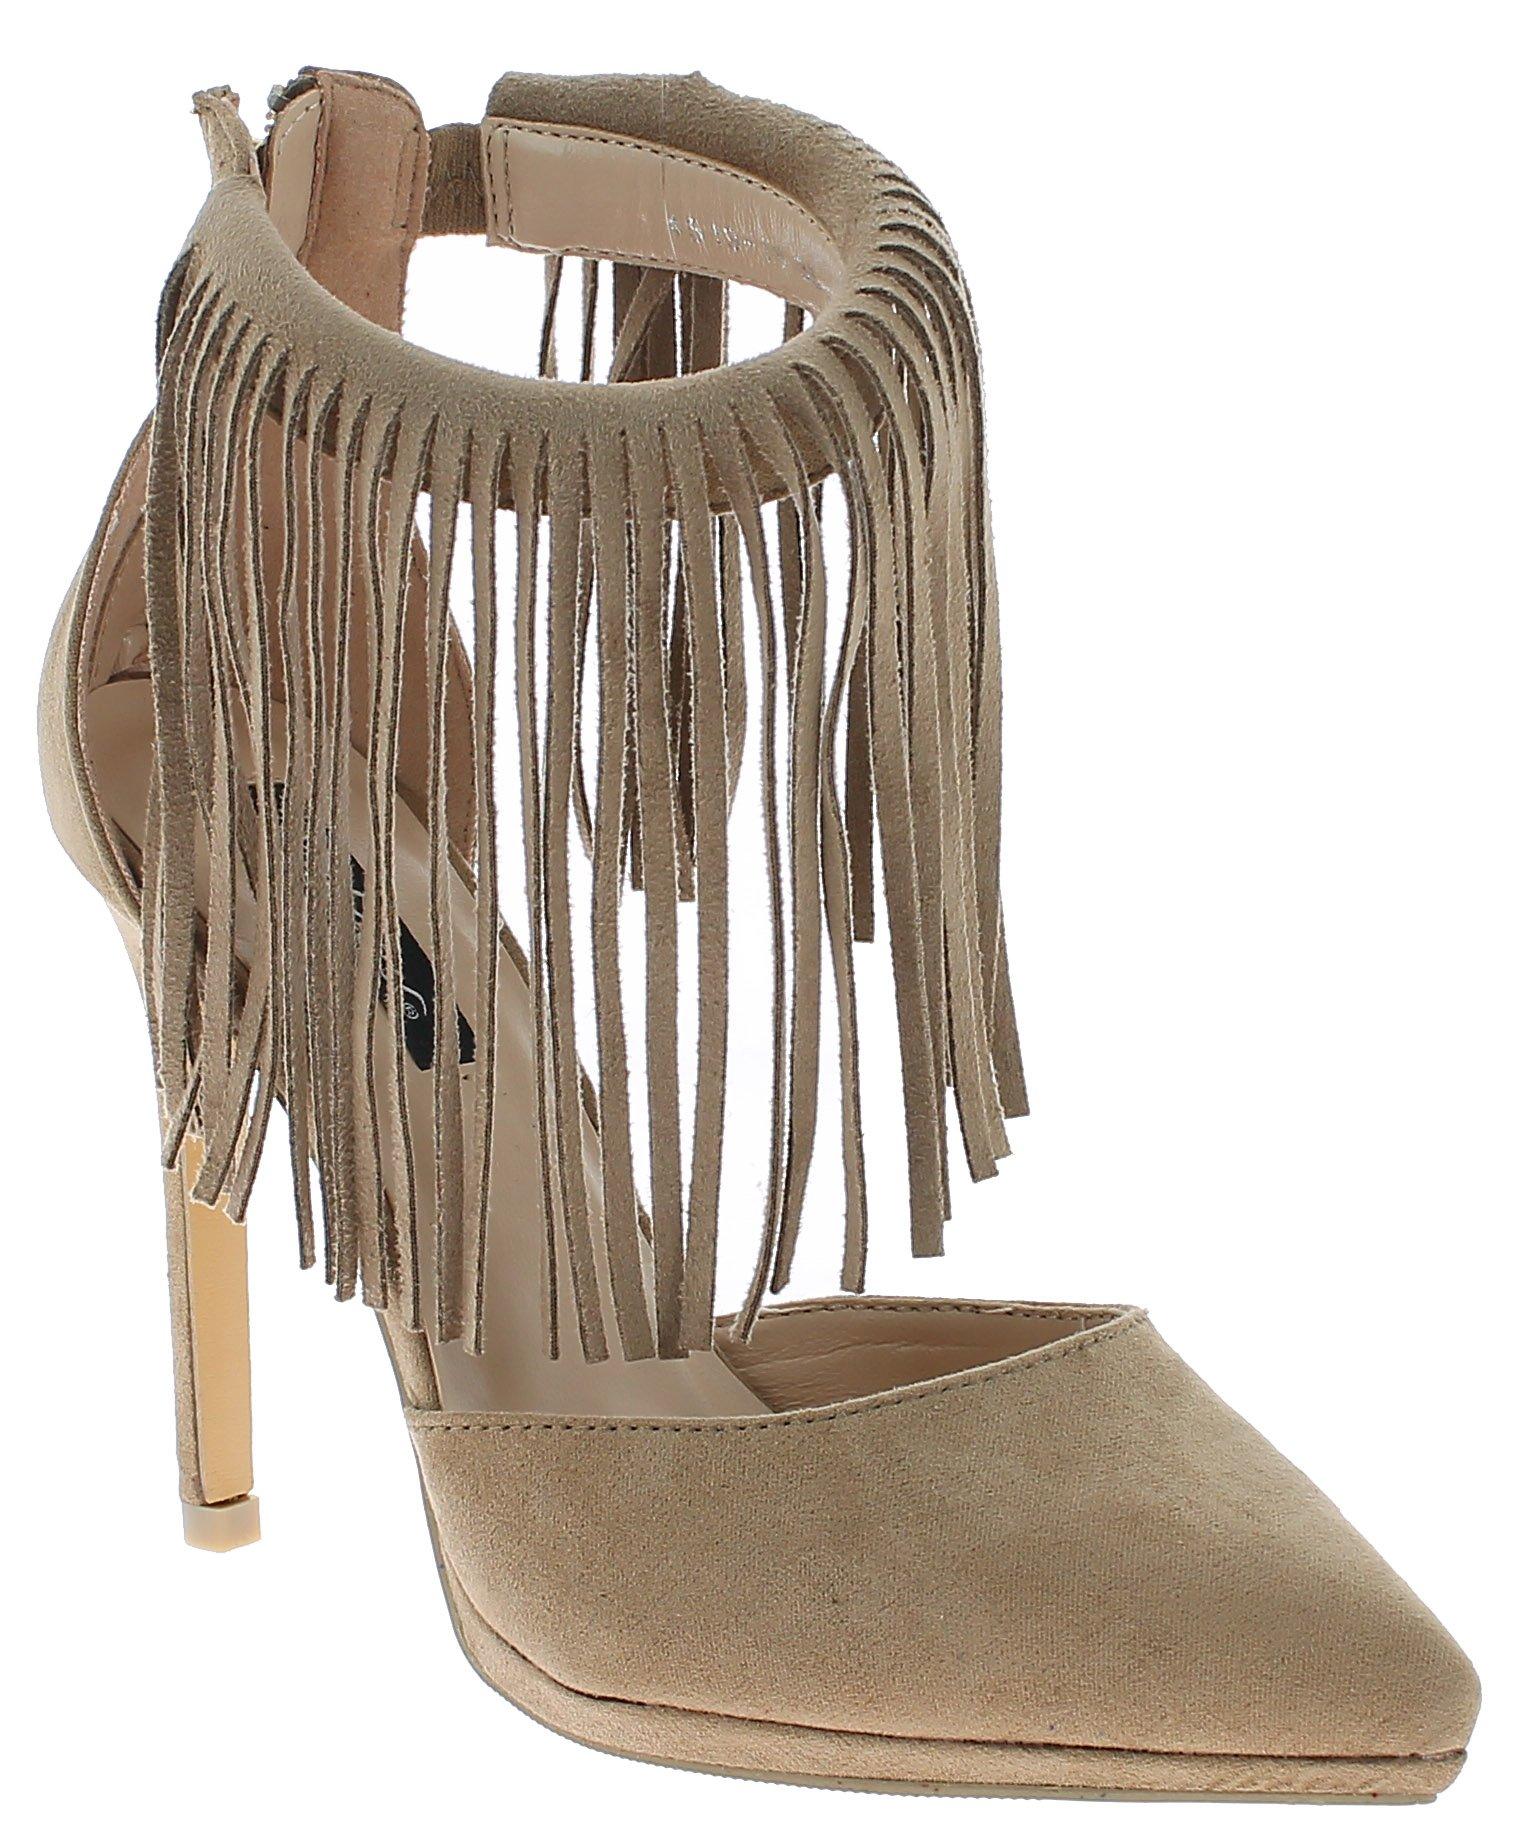 IQSHOES Γυναικεία Γόβα 451918 Μπεζ - IqShoes - 4519-18 beige 36/1/7/7 παπούτσια  προσφορεσ